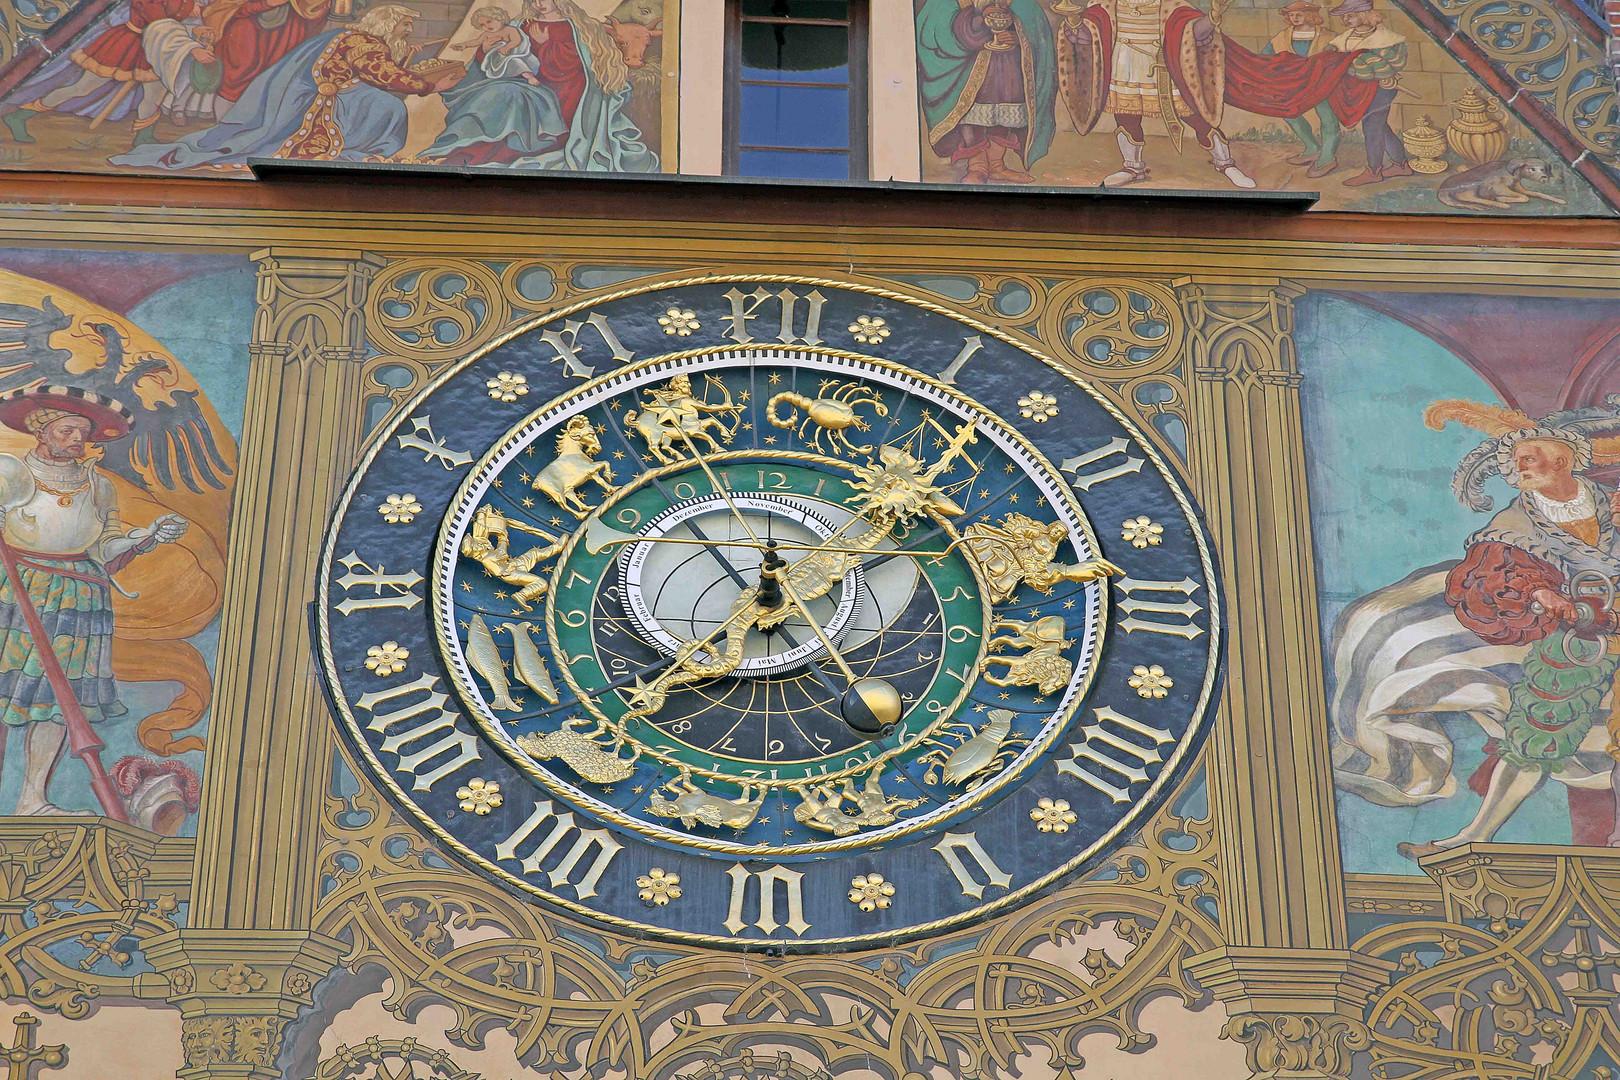 Astrologische Sonnenuhr auf dem Ulmer Rathaus